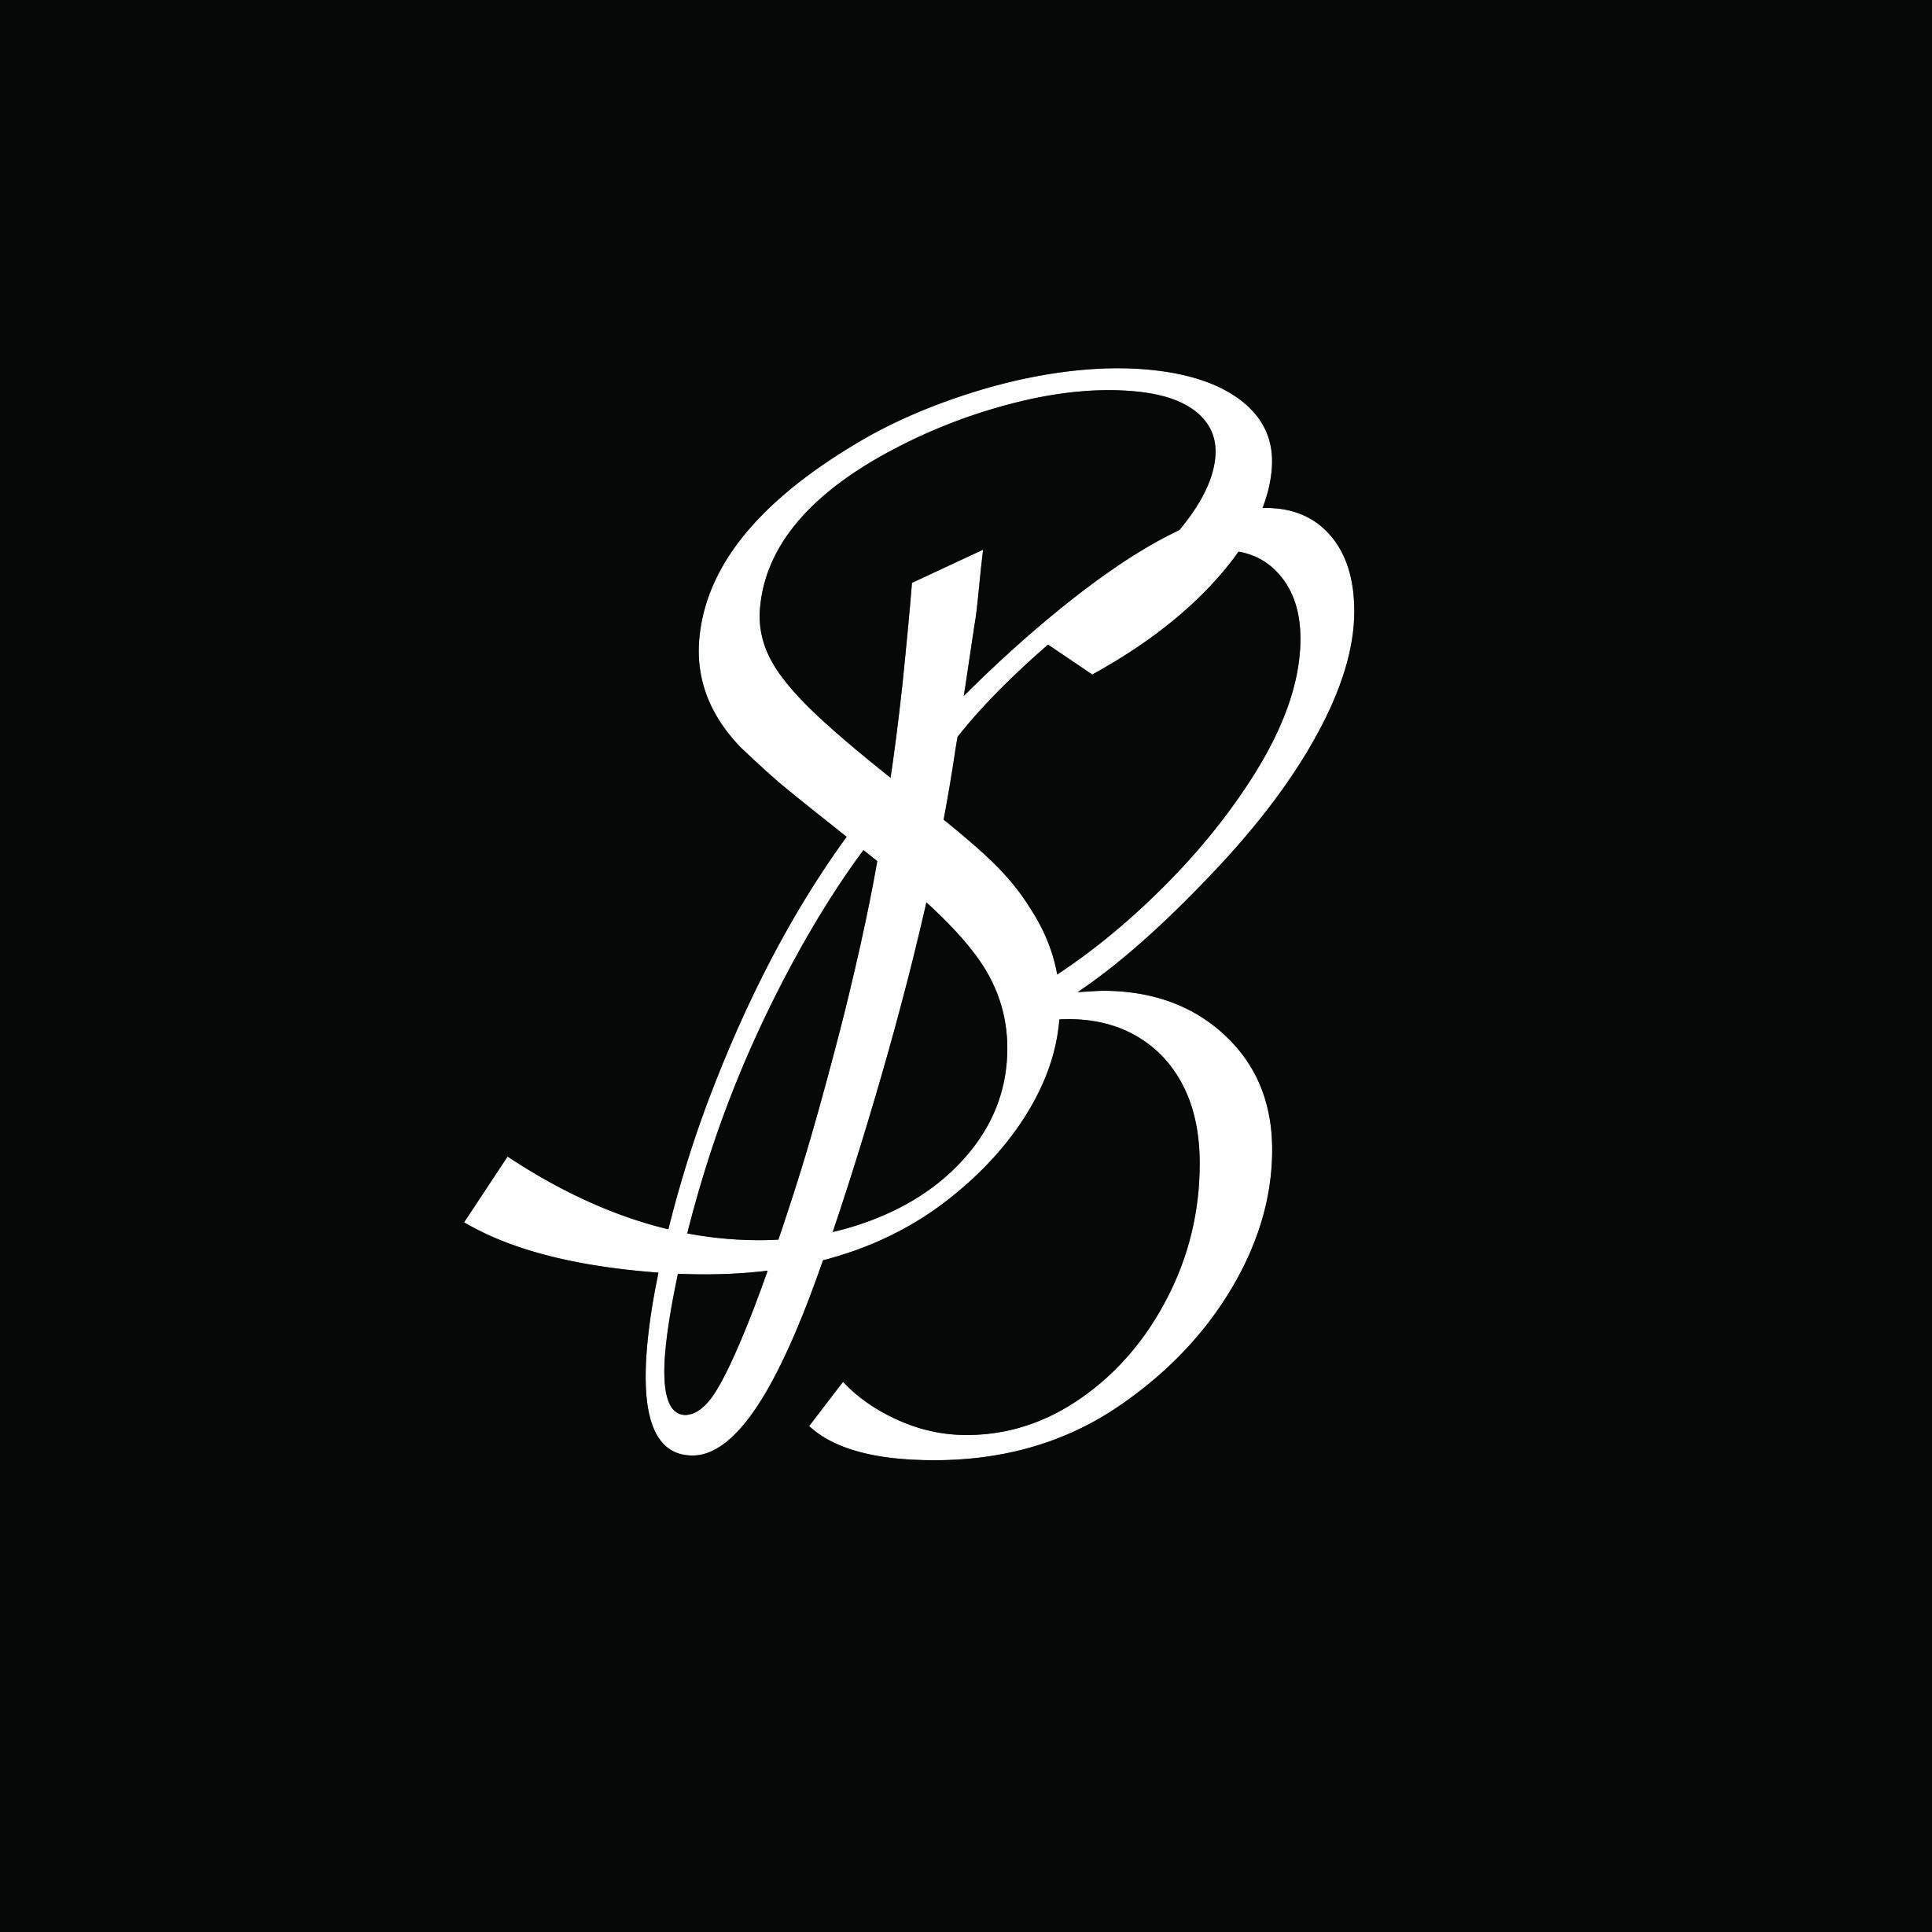 SB Logo 05/12/2014 Adobe Illustrator Beautiful logos